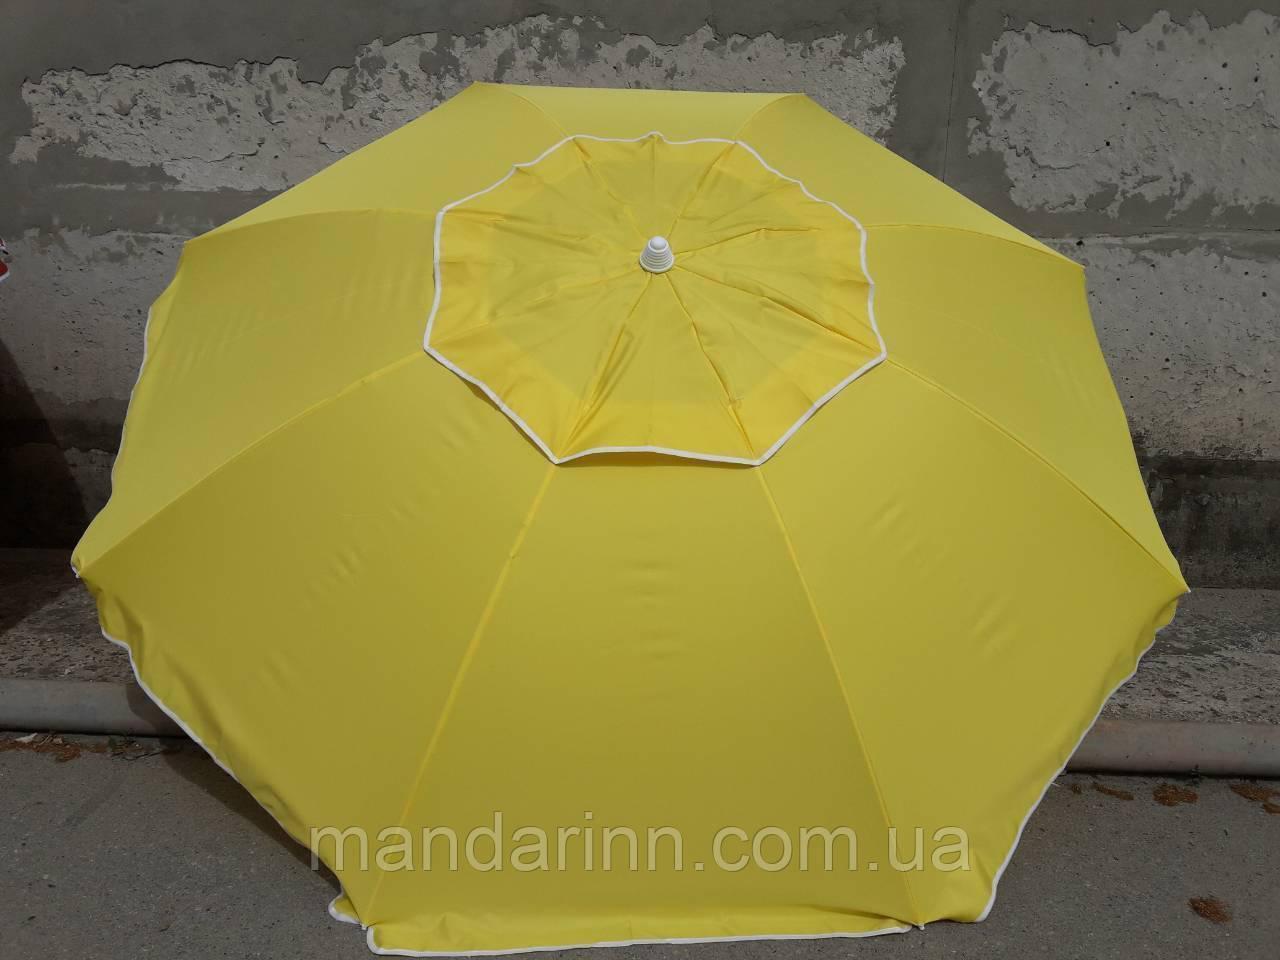 Пляжный зонт 2.0 м клапан и наклон. Плотная ткань. Тканевый чехол. Зонтик для пляжа от солнца Желтый